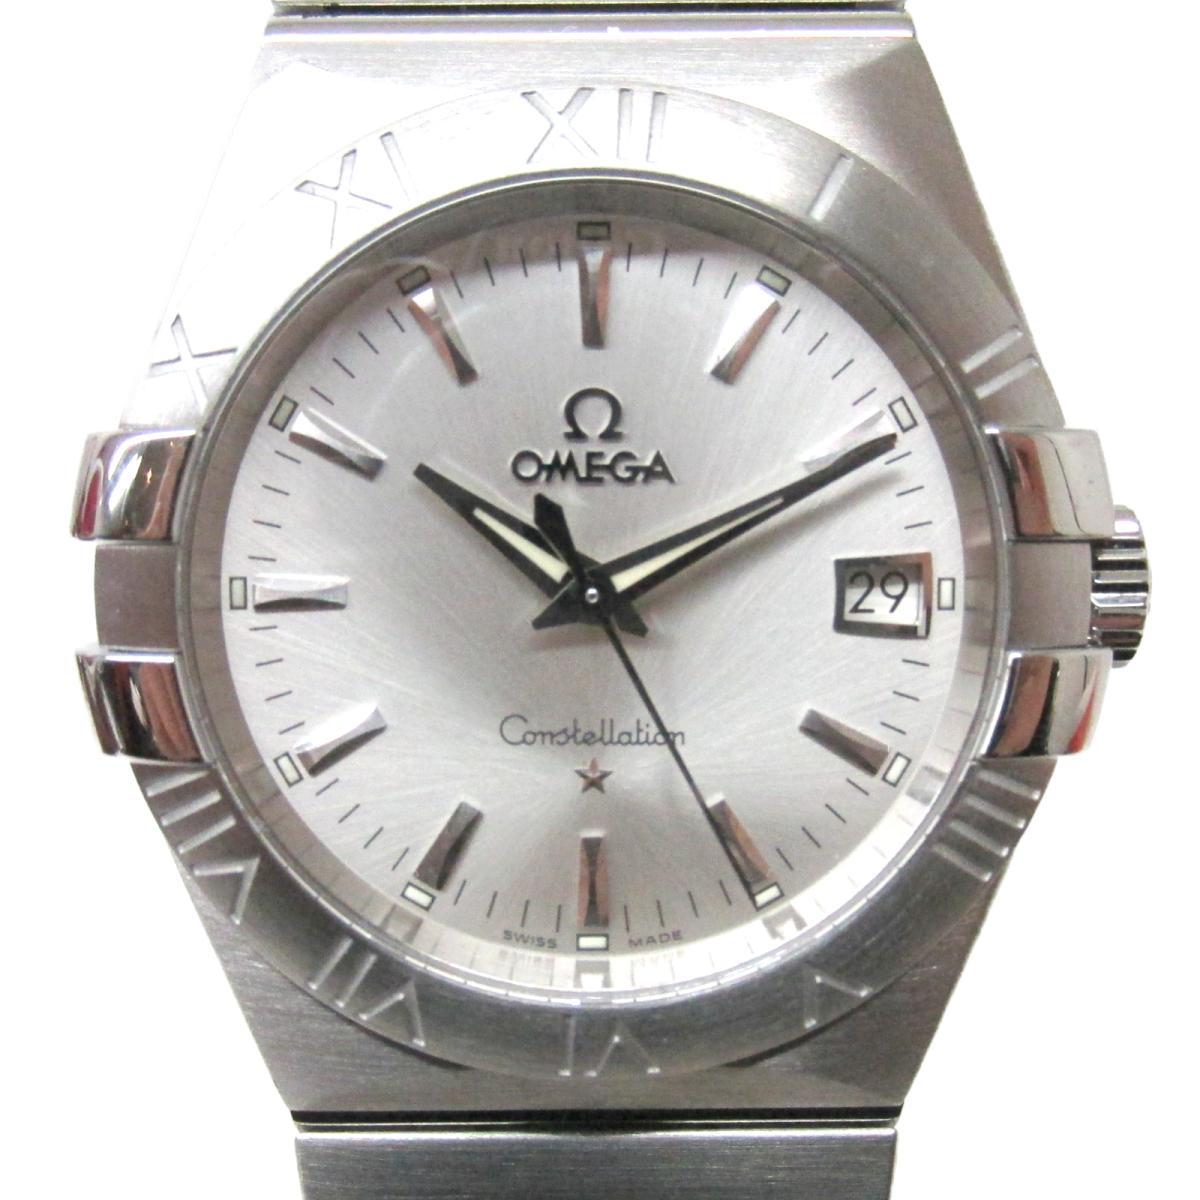 ≪期間限定≫メルマガ登録でクーポンGET! 【中古】 オメガ コンステレーション 腕時計 ウォッチ メンズ ステンレススチール (SS) (123.10.35.60.02.001) | OMEGA BRANDOFF ブランドオフ ブランド ブランド時計 ブランド腕時計 時計